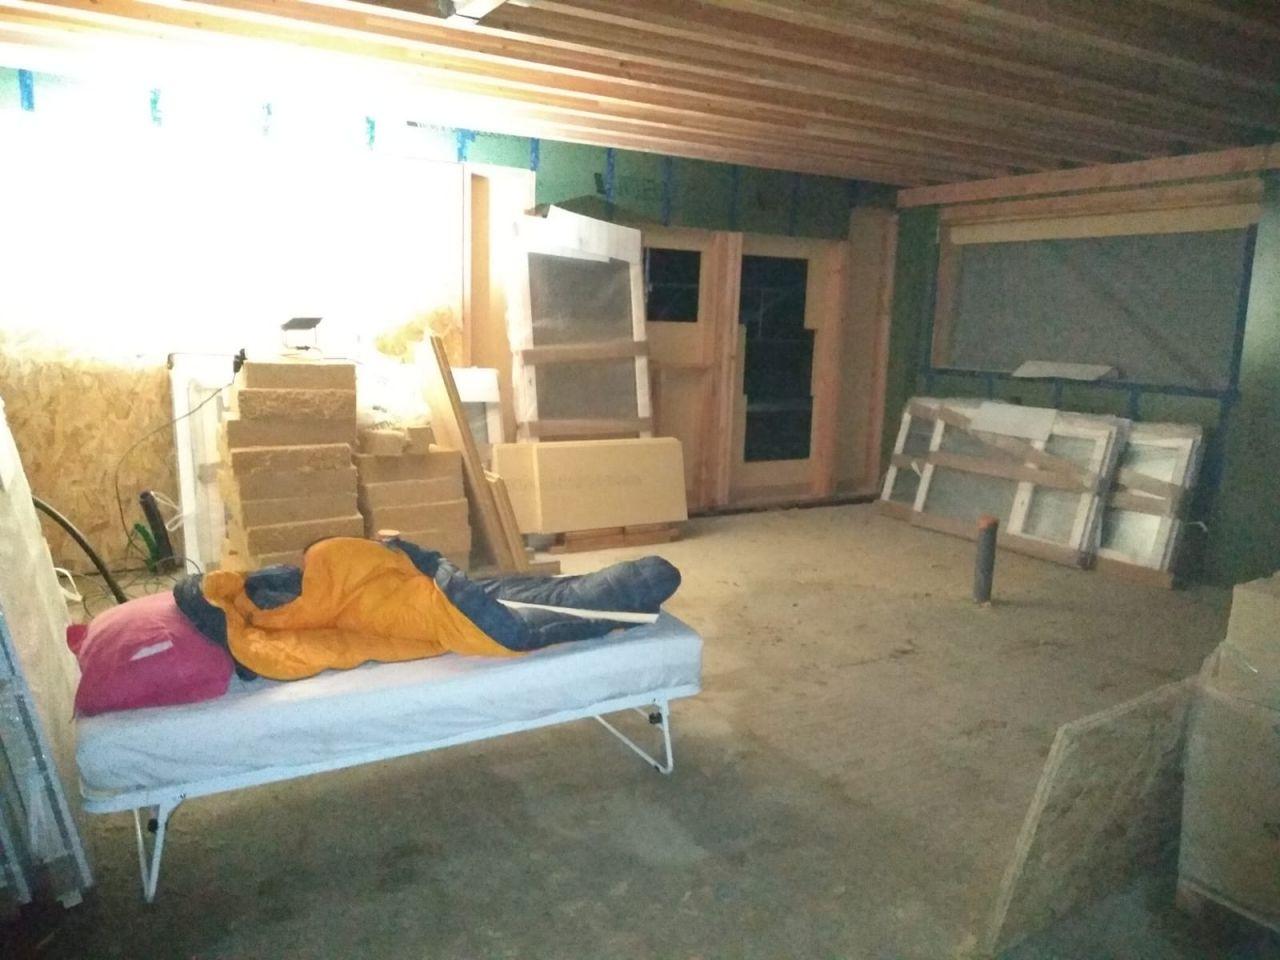 Camping pour éviter le vol des menuiseries